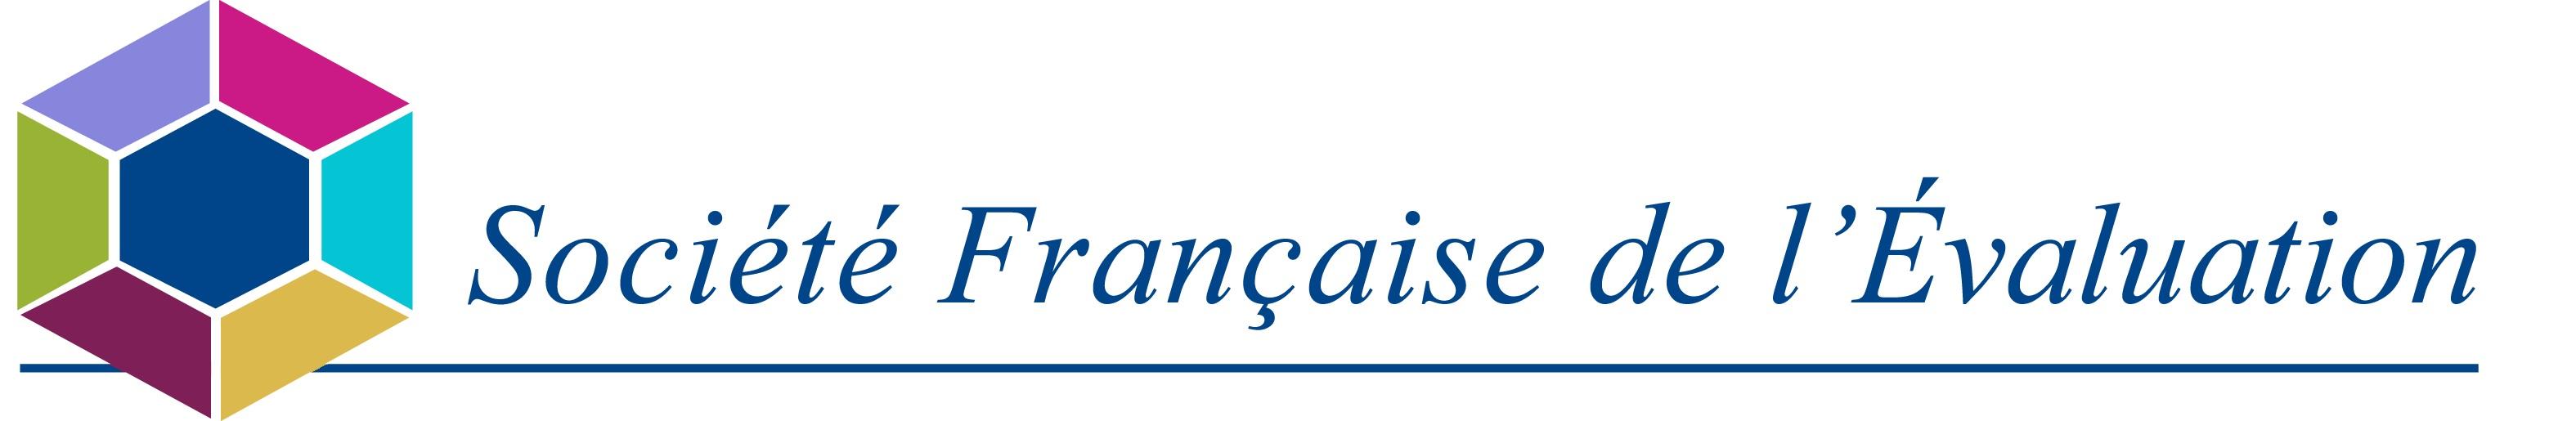 SFE - Société Française de l'Evaluation